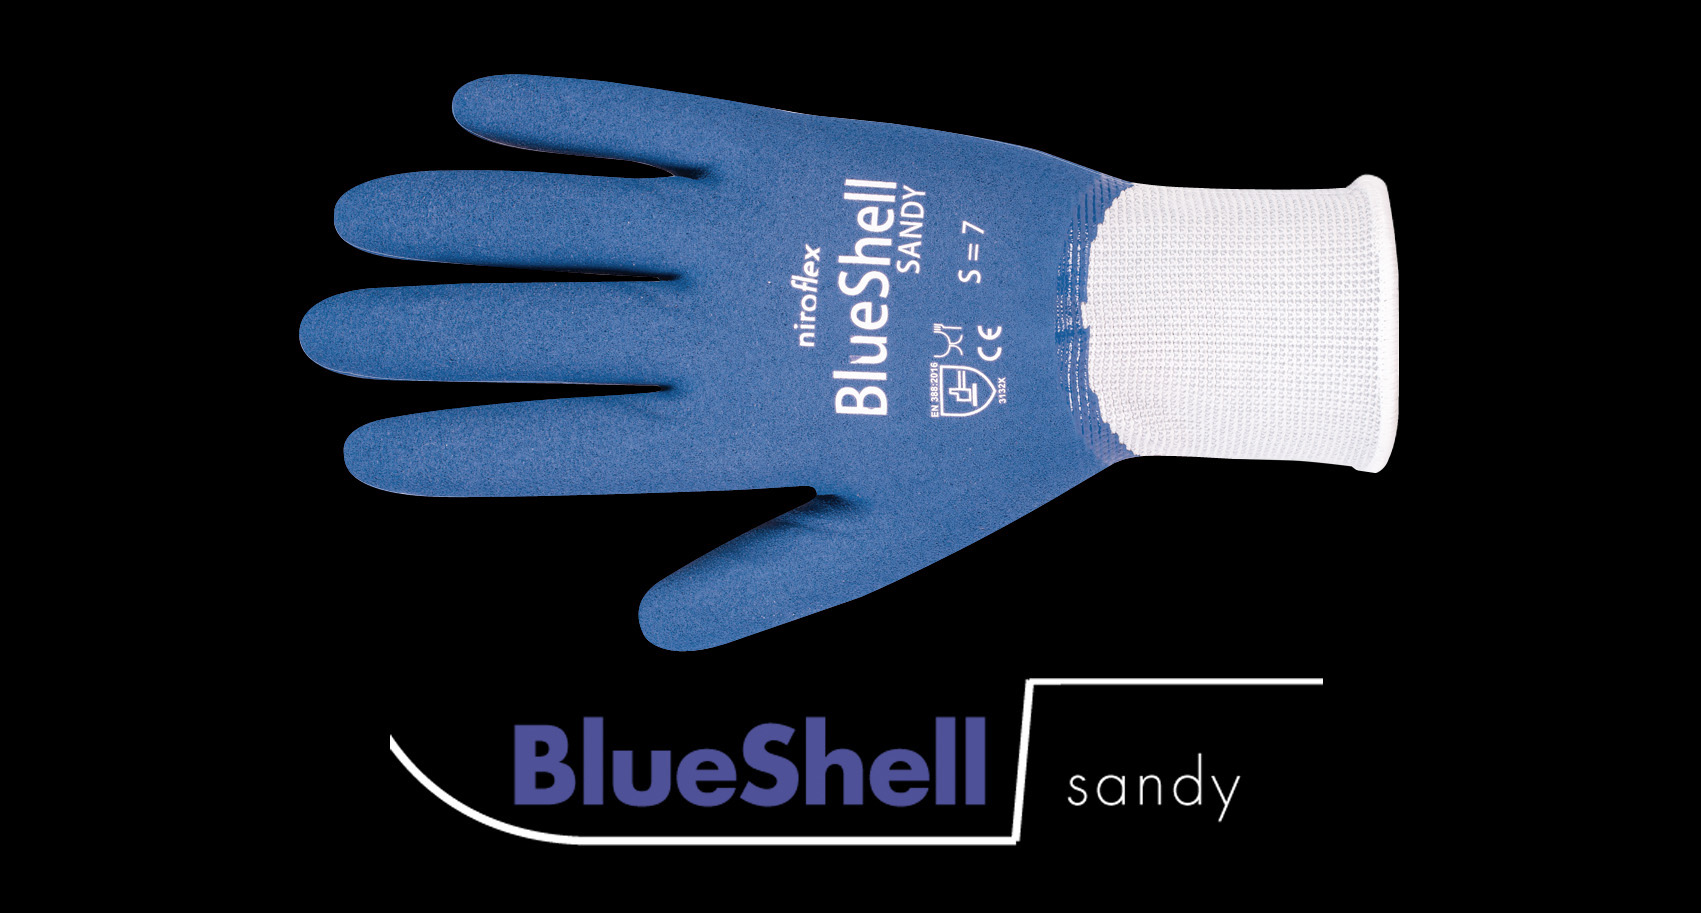 Wasserdichte Arbeitshandschuhe: Niroflex Blueshell sandy